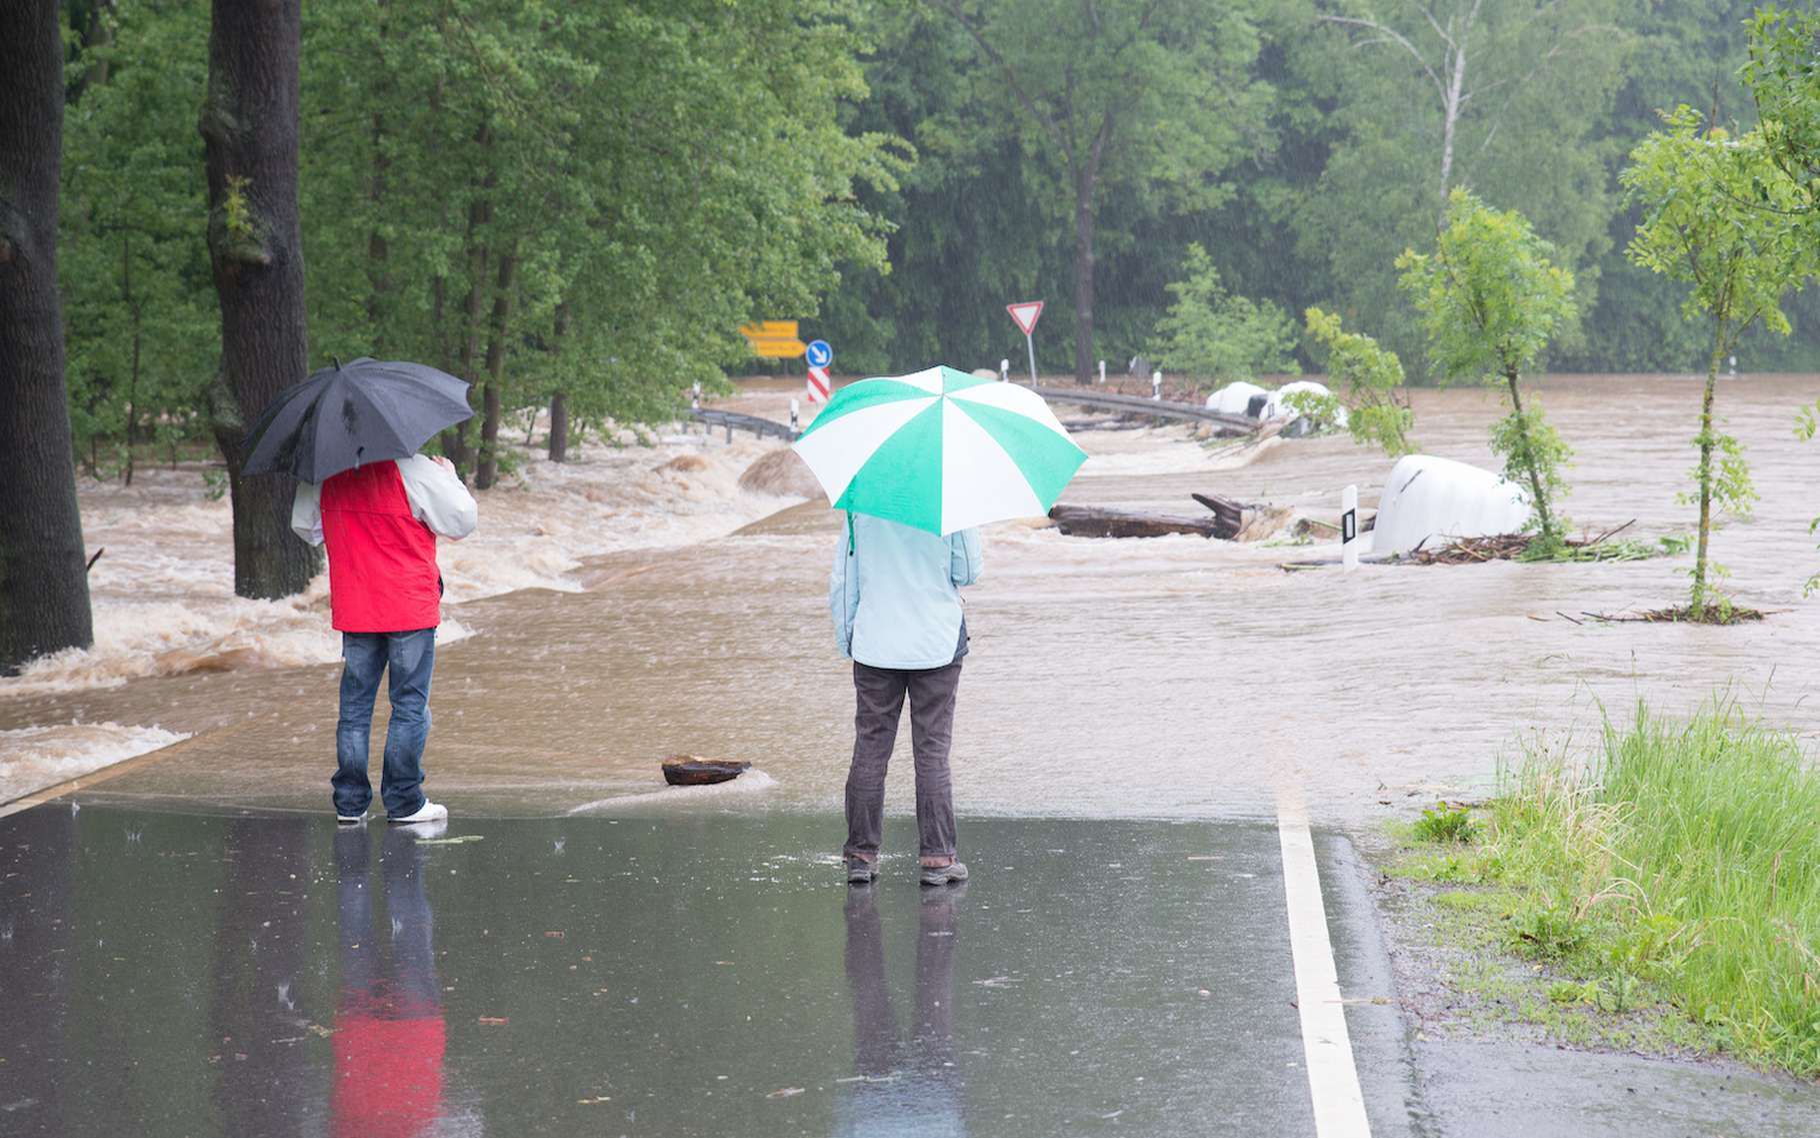 En juillet 2021, l'Allemagne et la Belgique ont été touchées par de graves inondations. Les chercheurs affirment que le réchauffement climatique rend le risque que cela se reproduise plus important. Ici, une image d'illustration datant de 2013. © stylefoto24, Adobe Stock